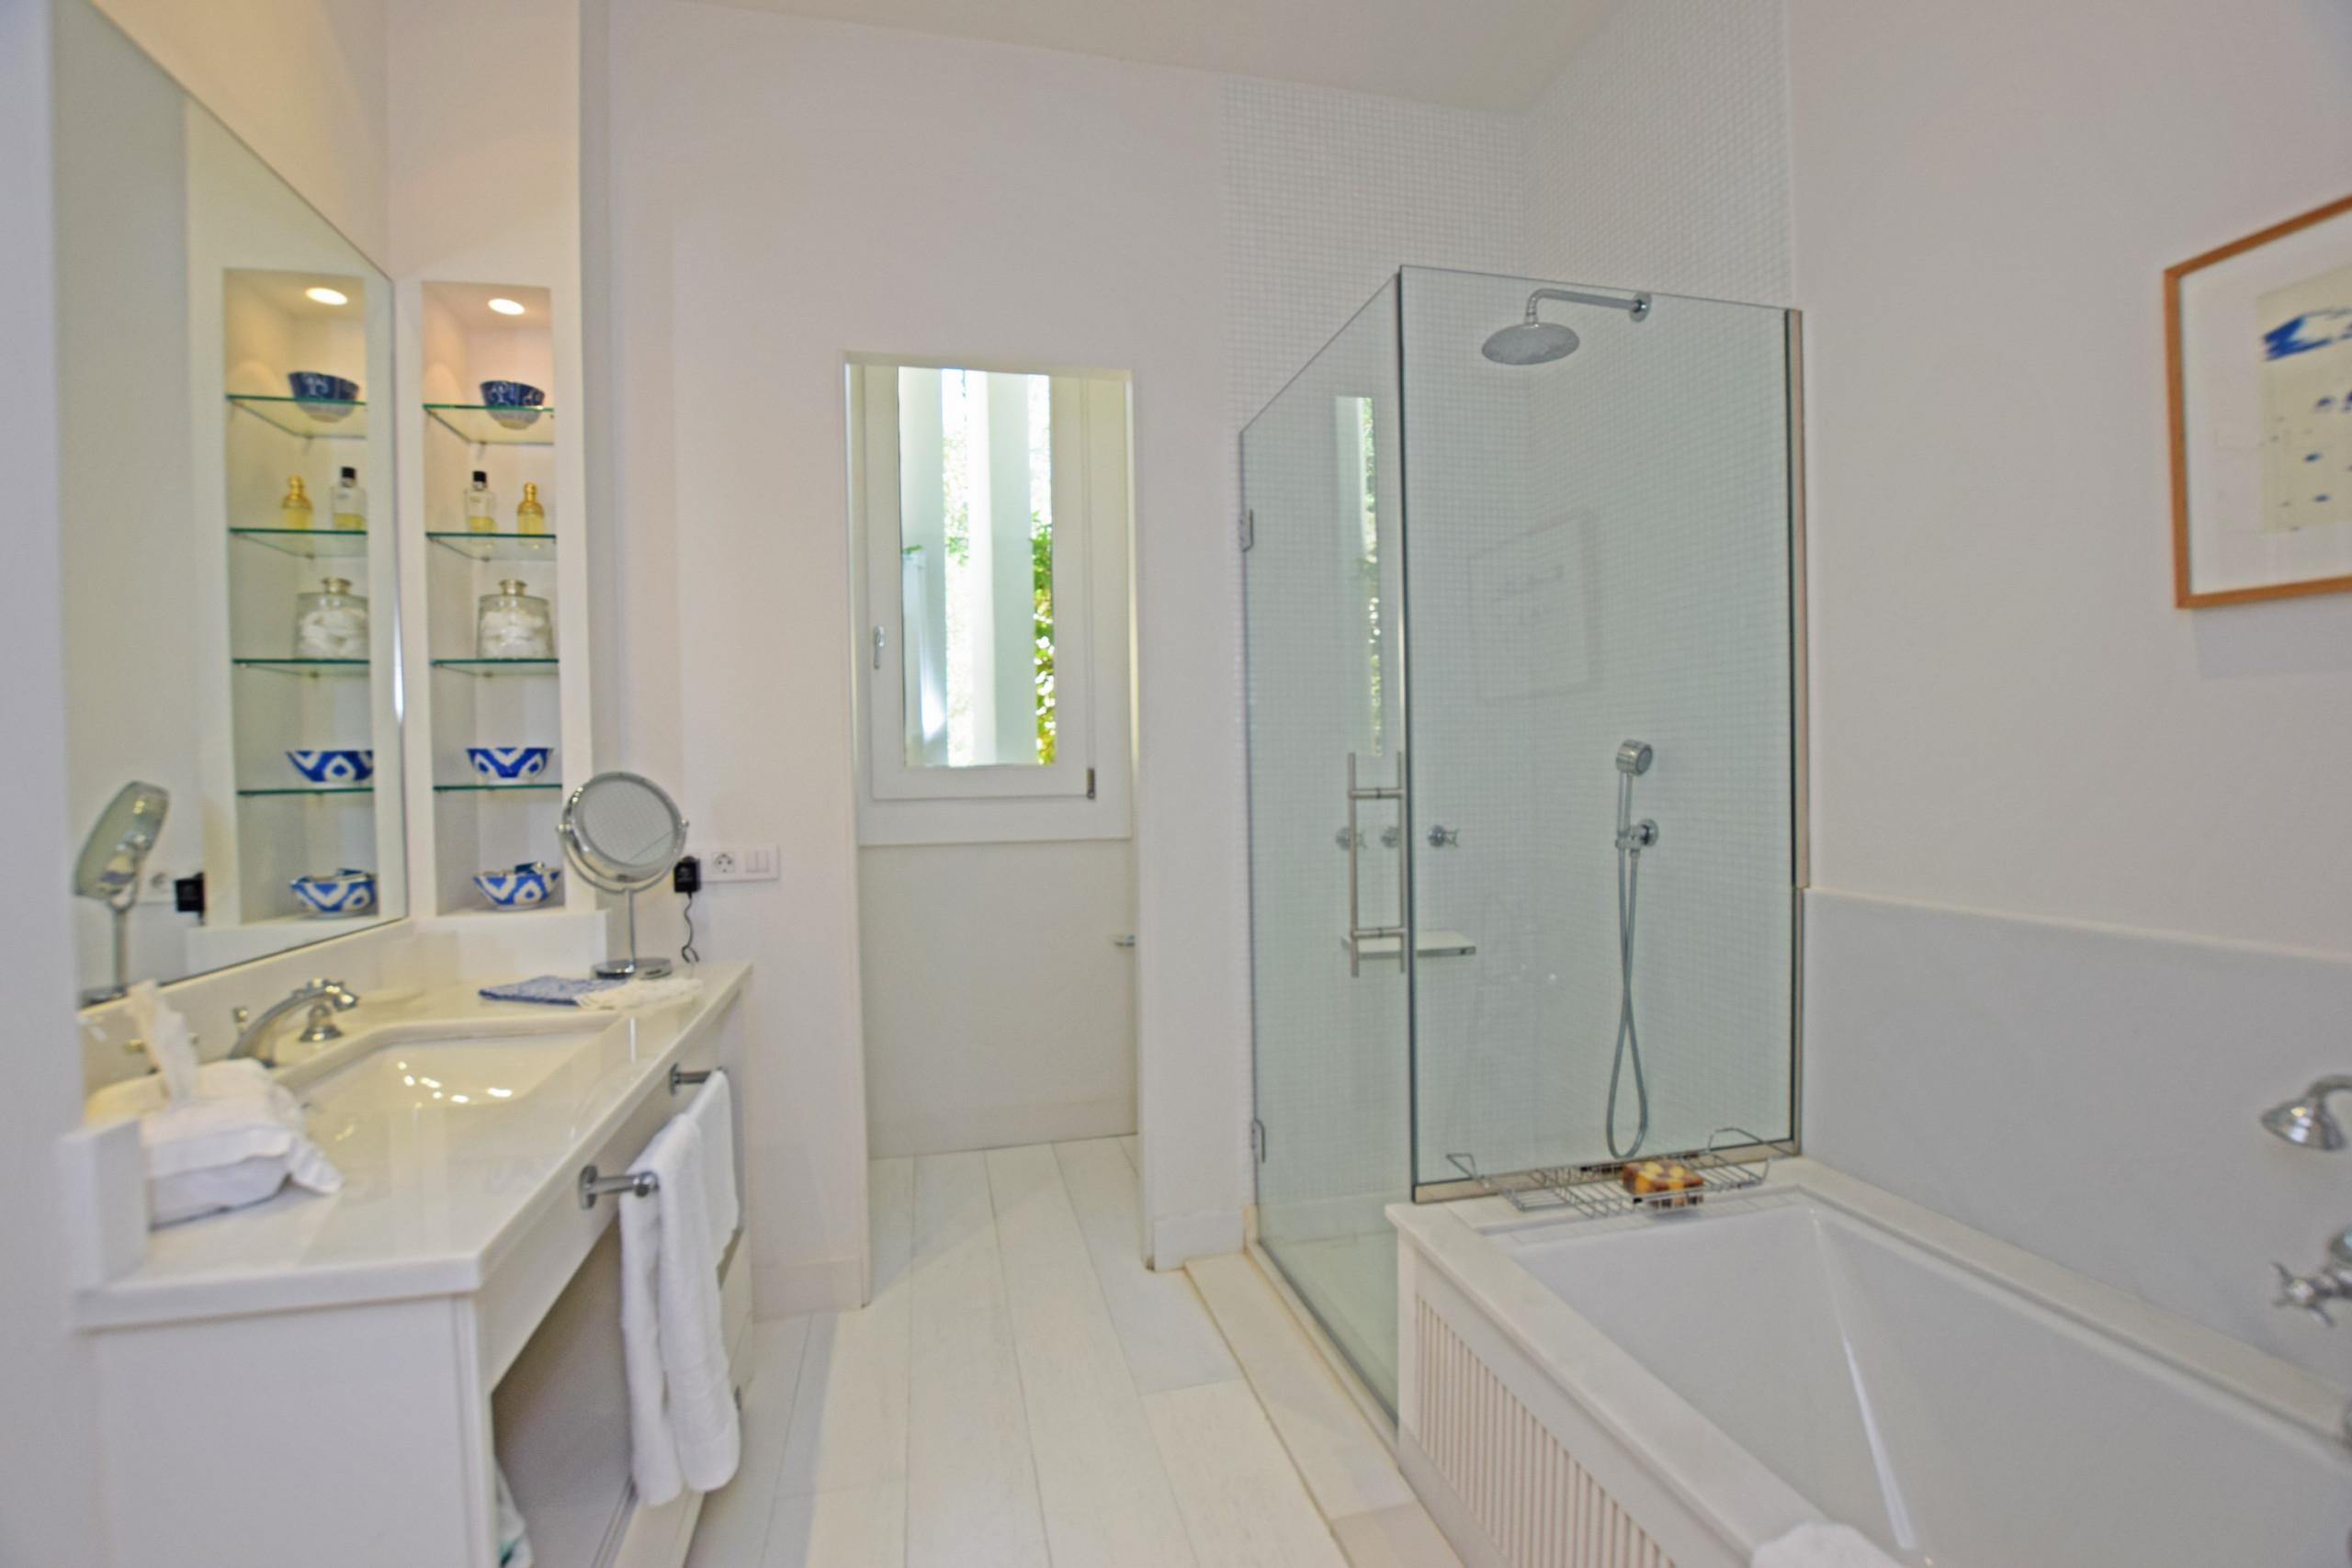 La Recoleta - Baño dormitorio 1